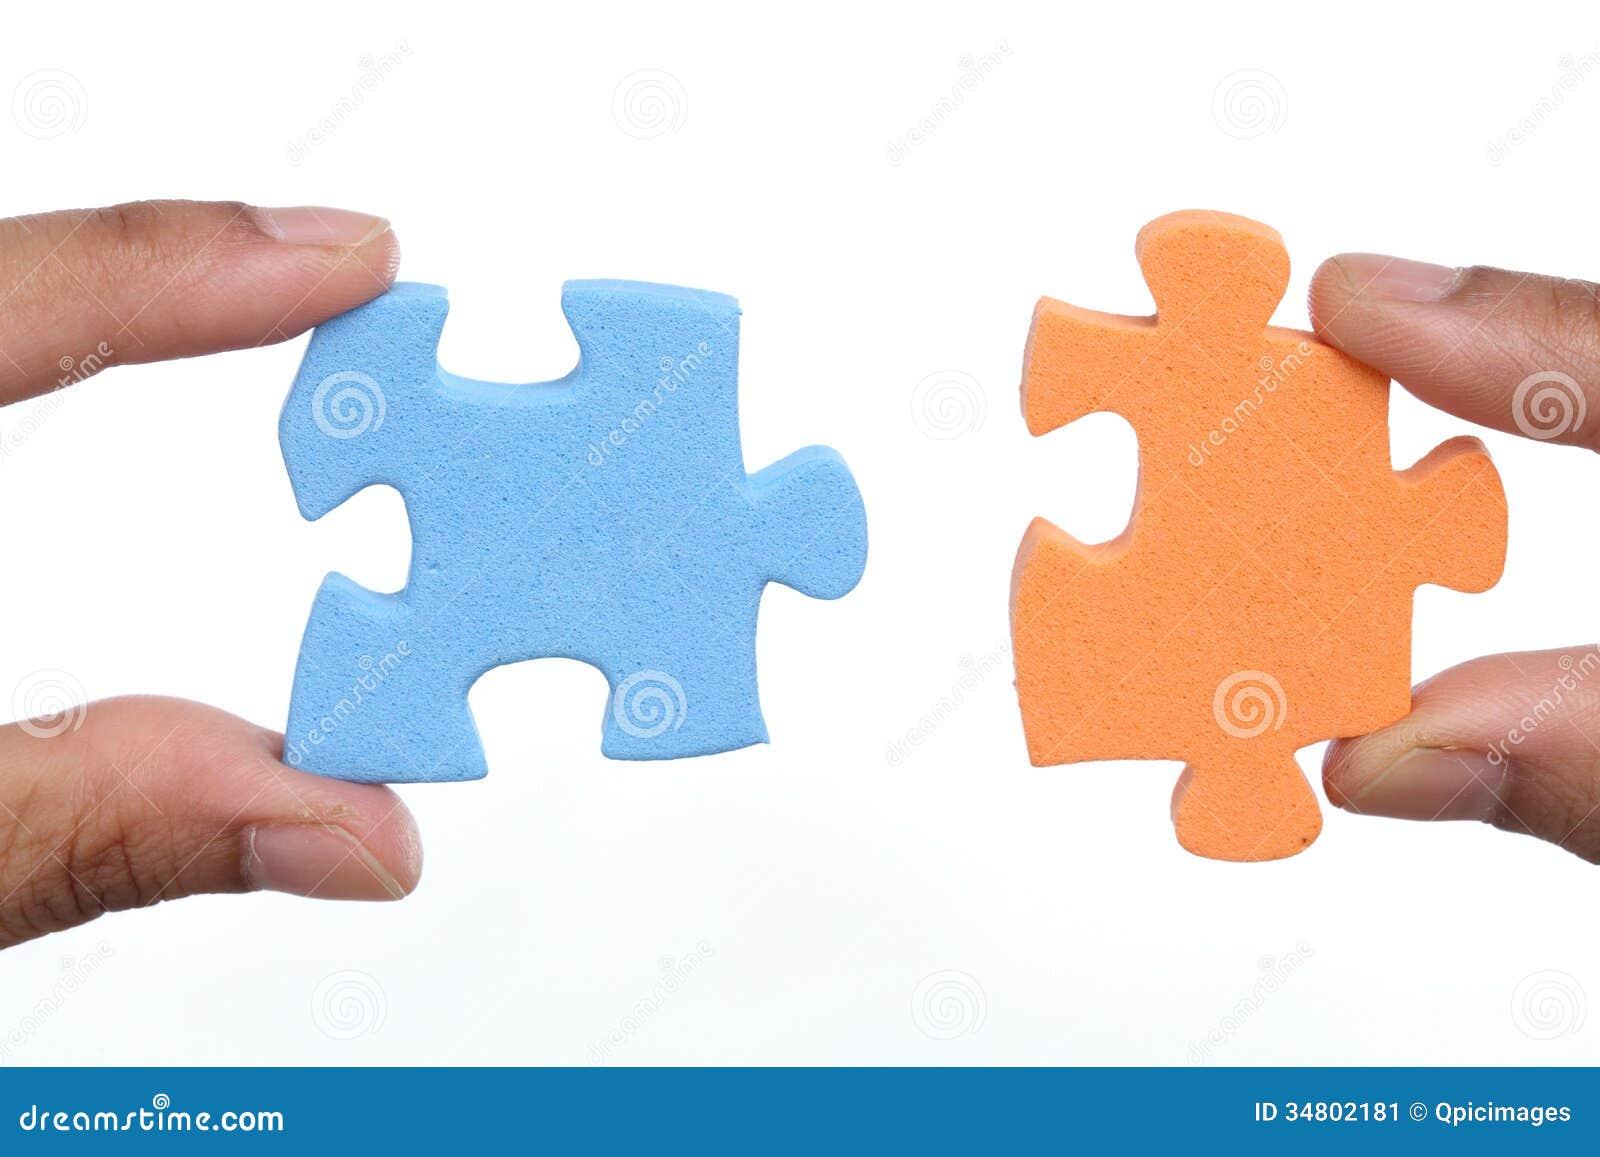 Attaccare Due Foto.Mani Per Attaccare Due Pezzi Del Puzzle Immagine Stock